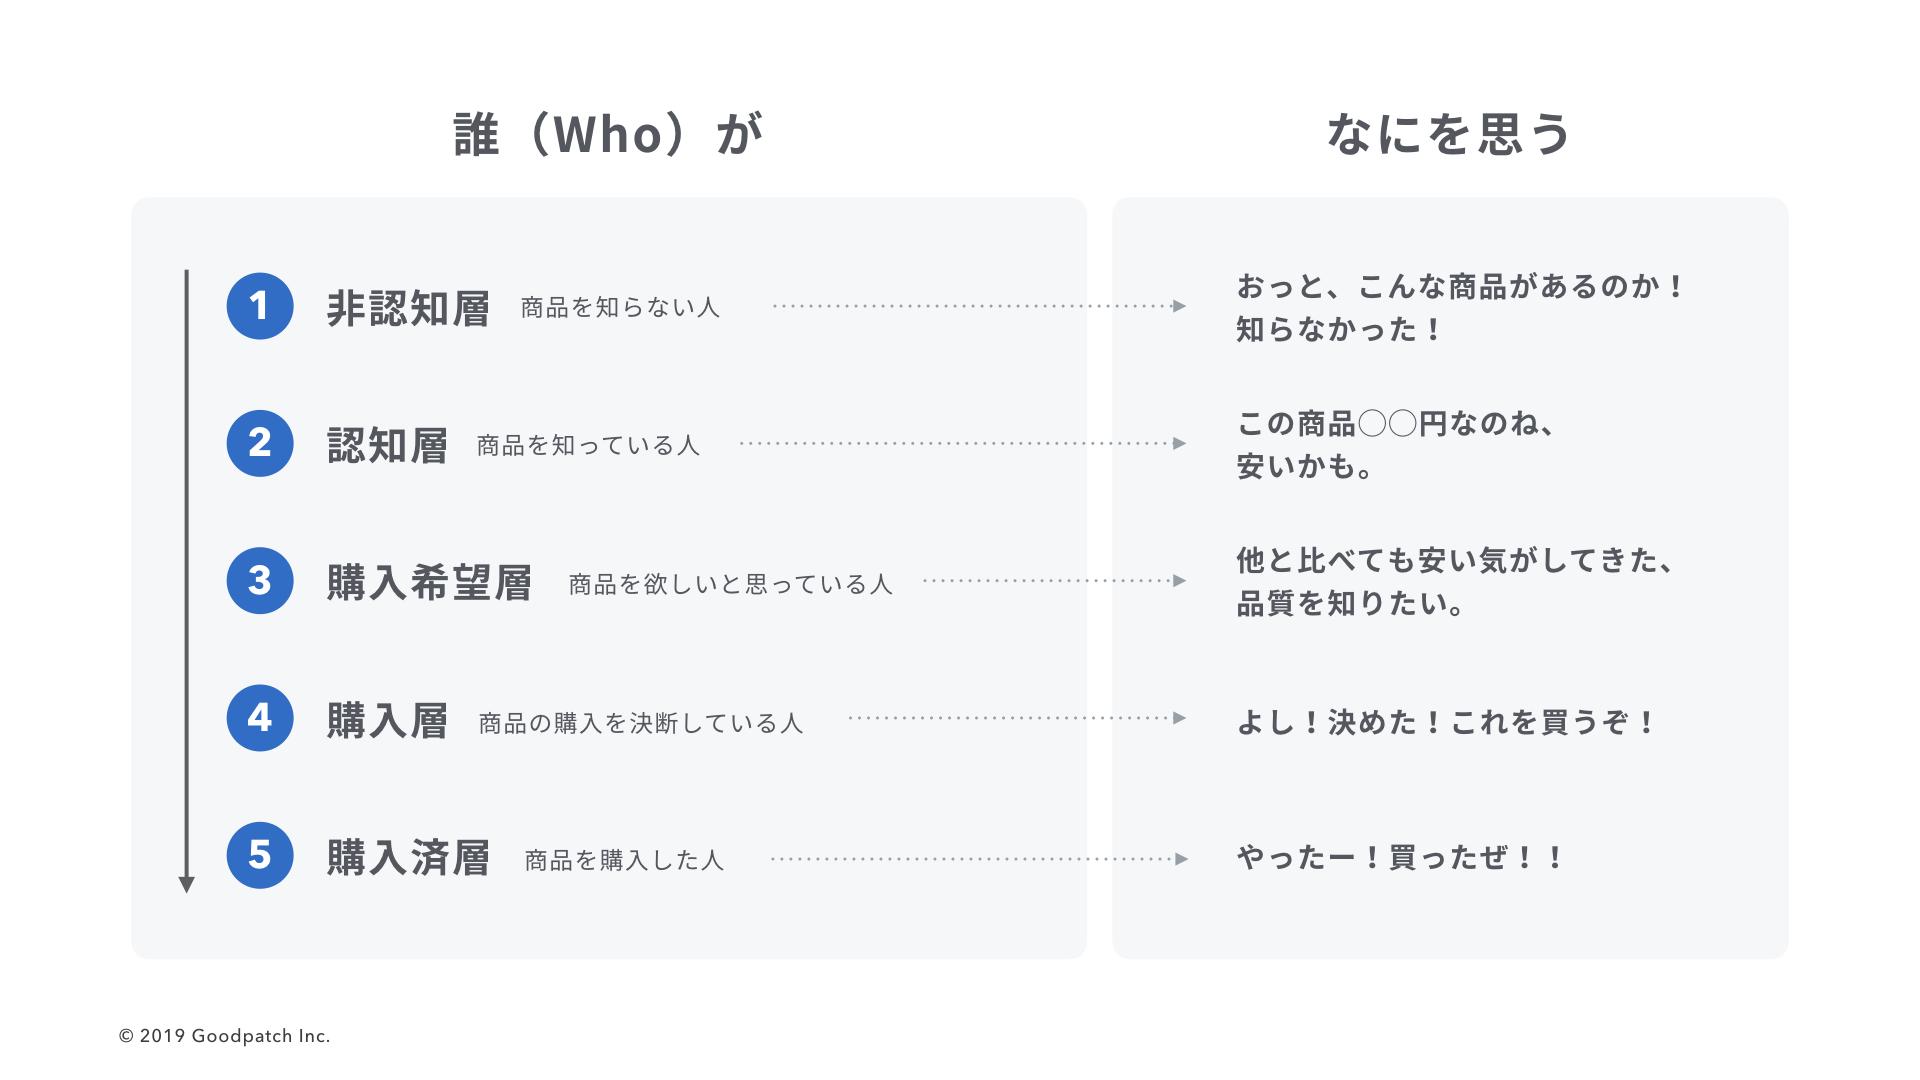 サイトを訪れる人の分類